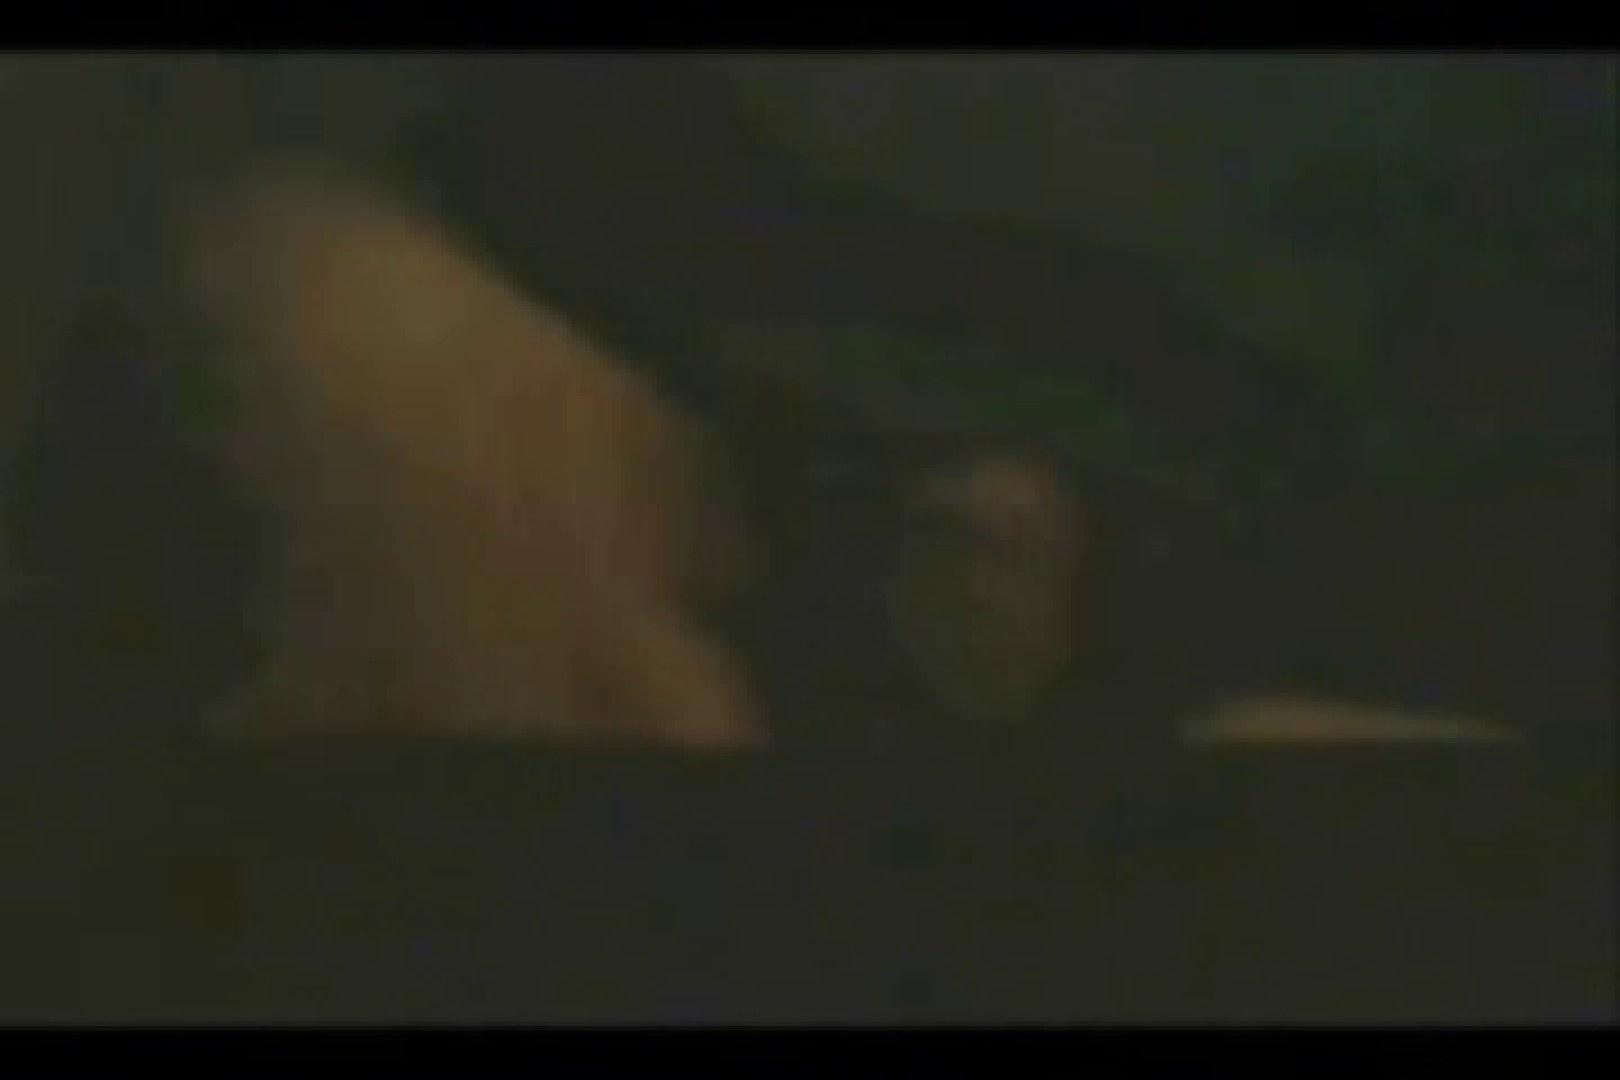 ファイル流出! ! パソコン画面を目の前に自画撮りオナニー チンコ 射精無修正動画 107枚 65